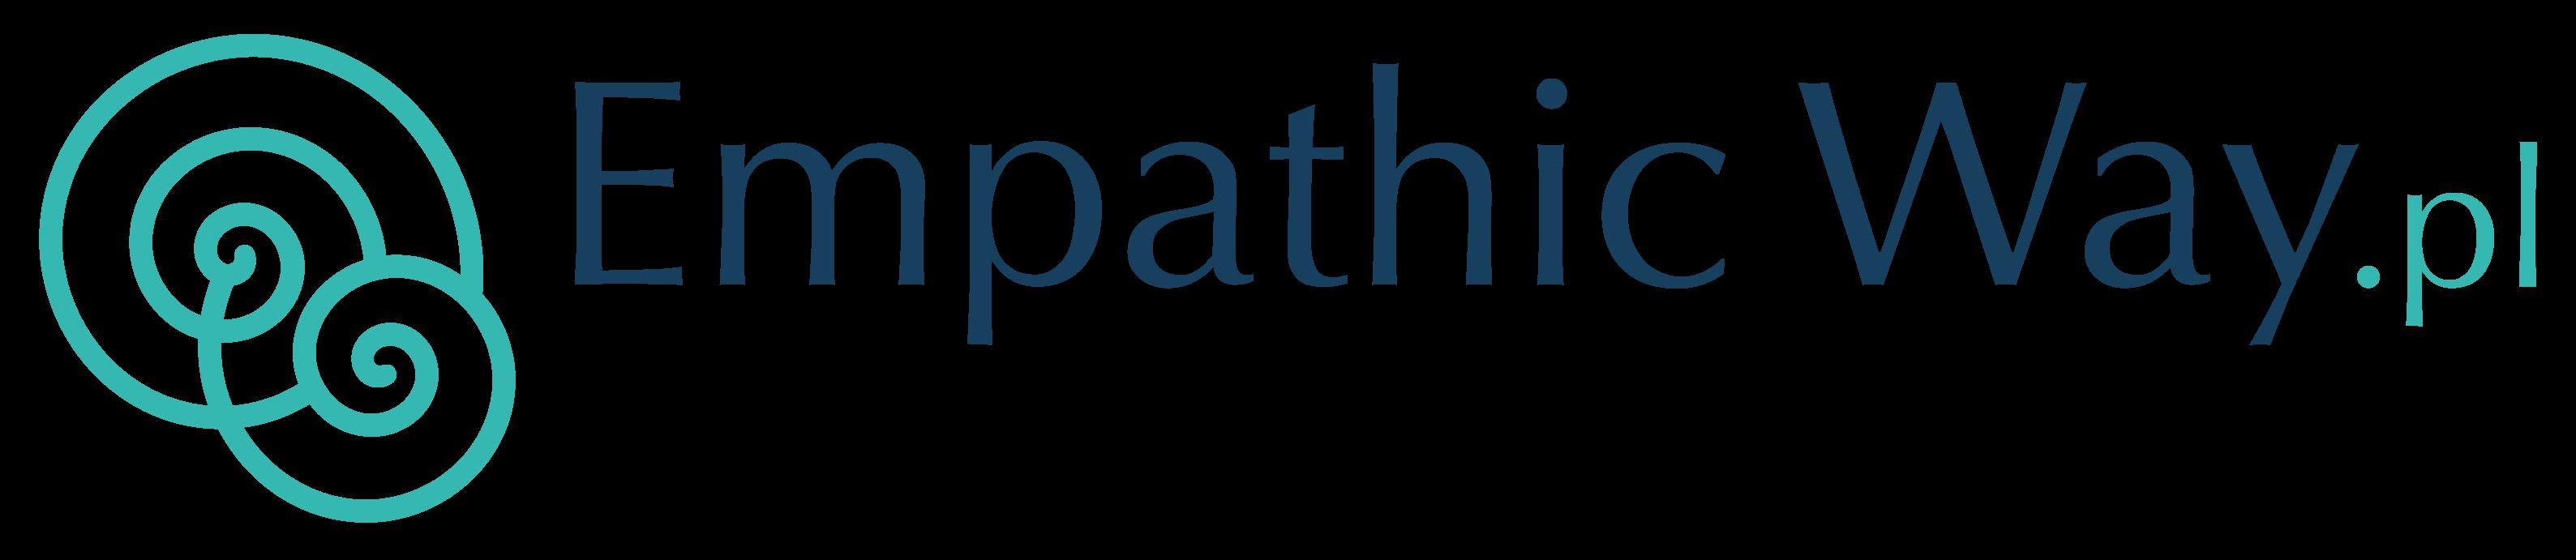 Empathic Way Online | Komunikacja empatyczna krok po kroku